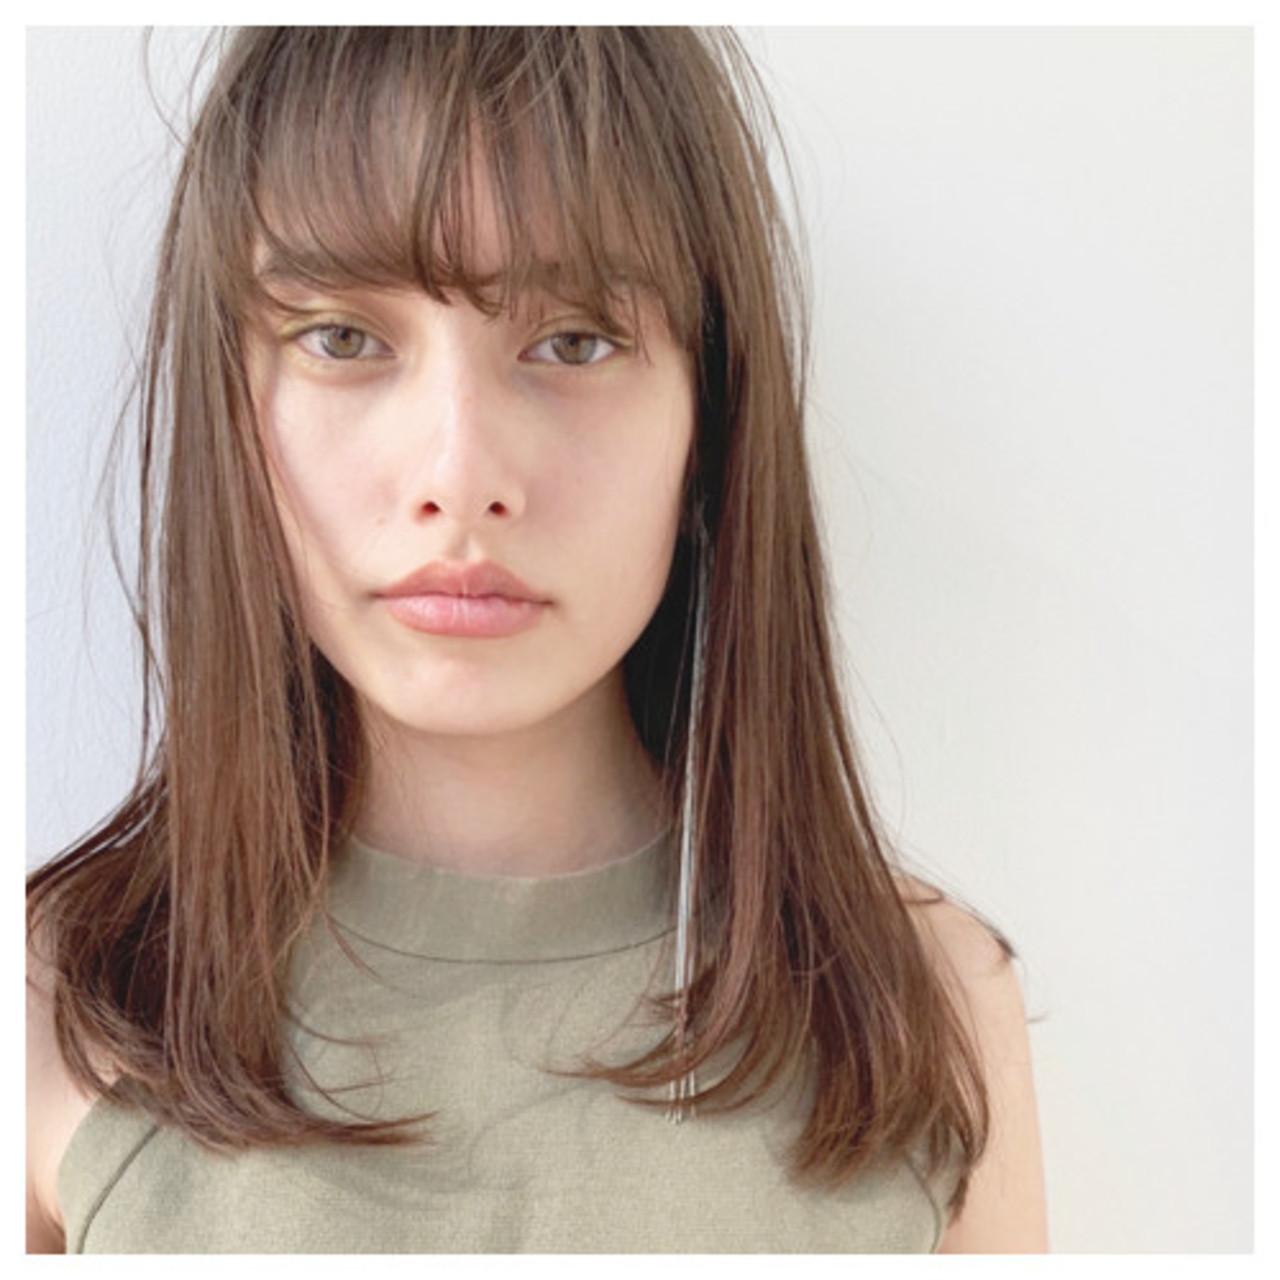 ナチュラル 大人かわいい 西海岸風 ロングヘアスタイル ヘアスタイルや髪型の写真・画像